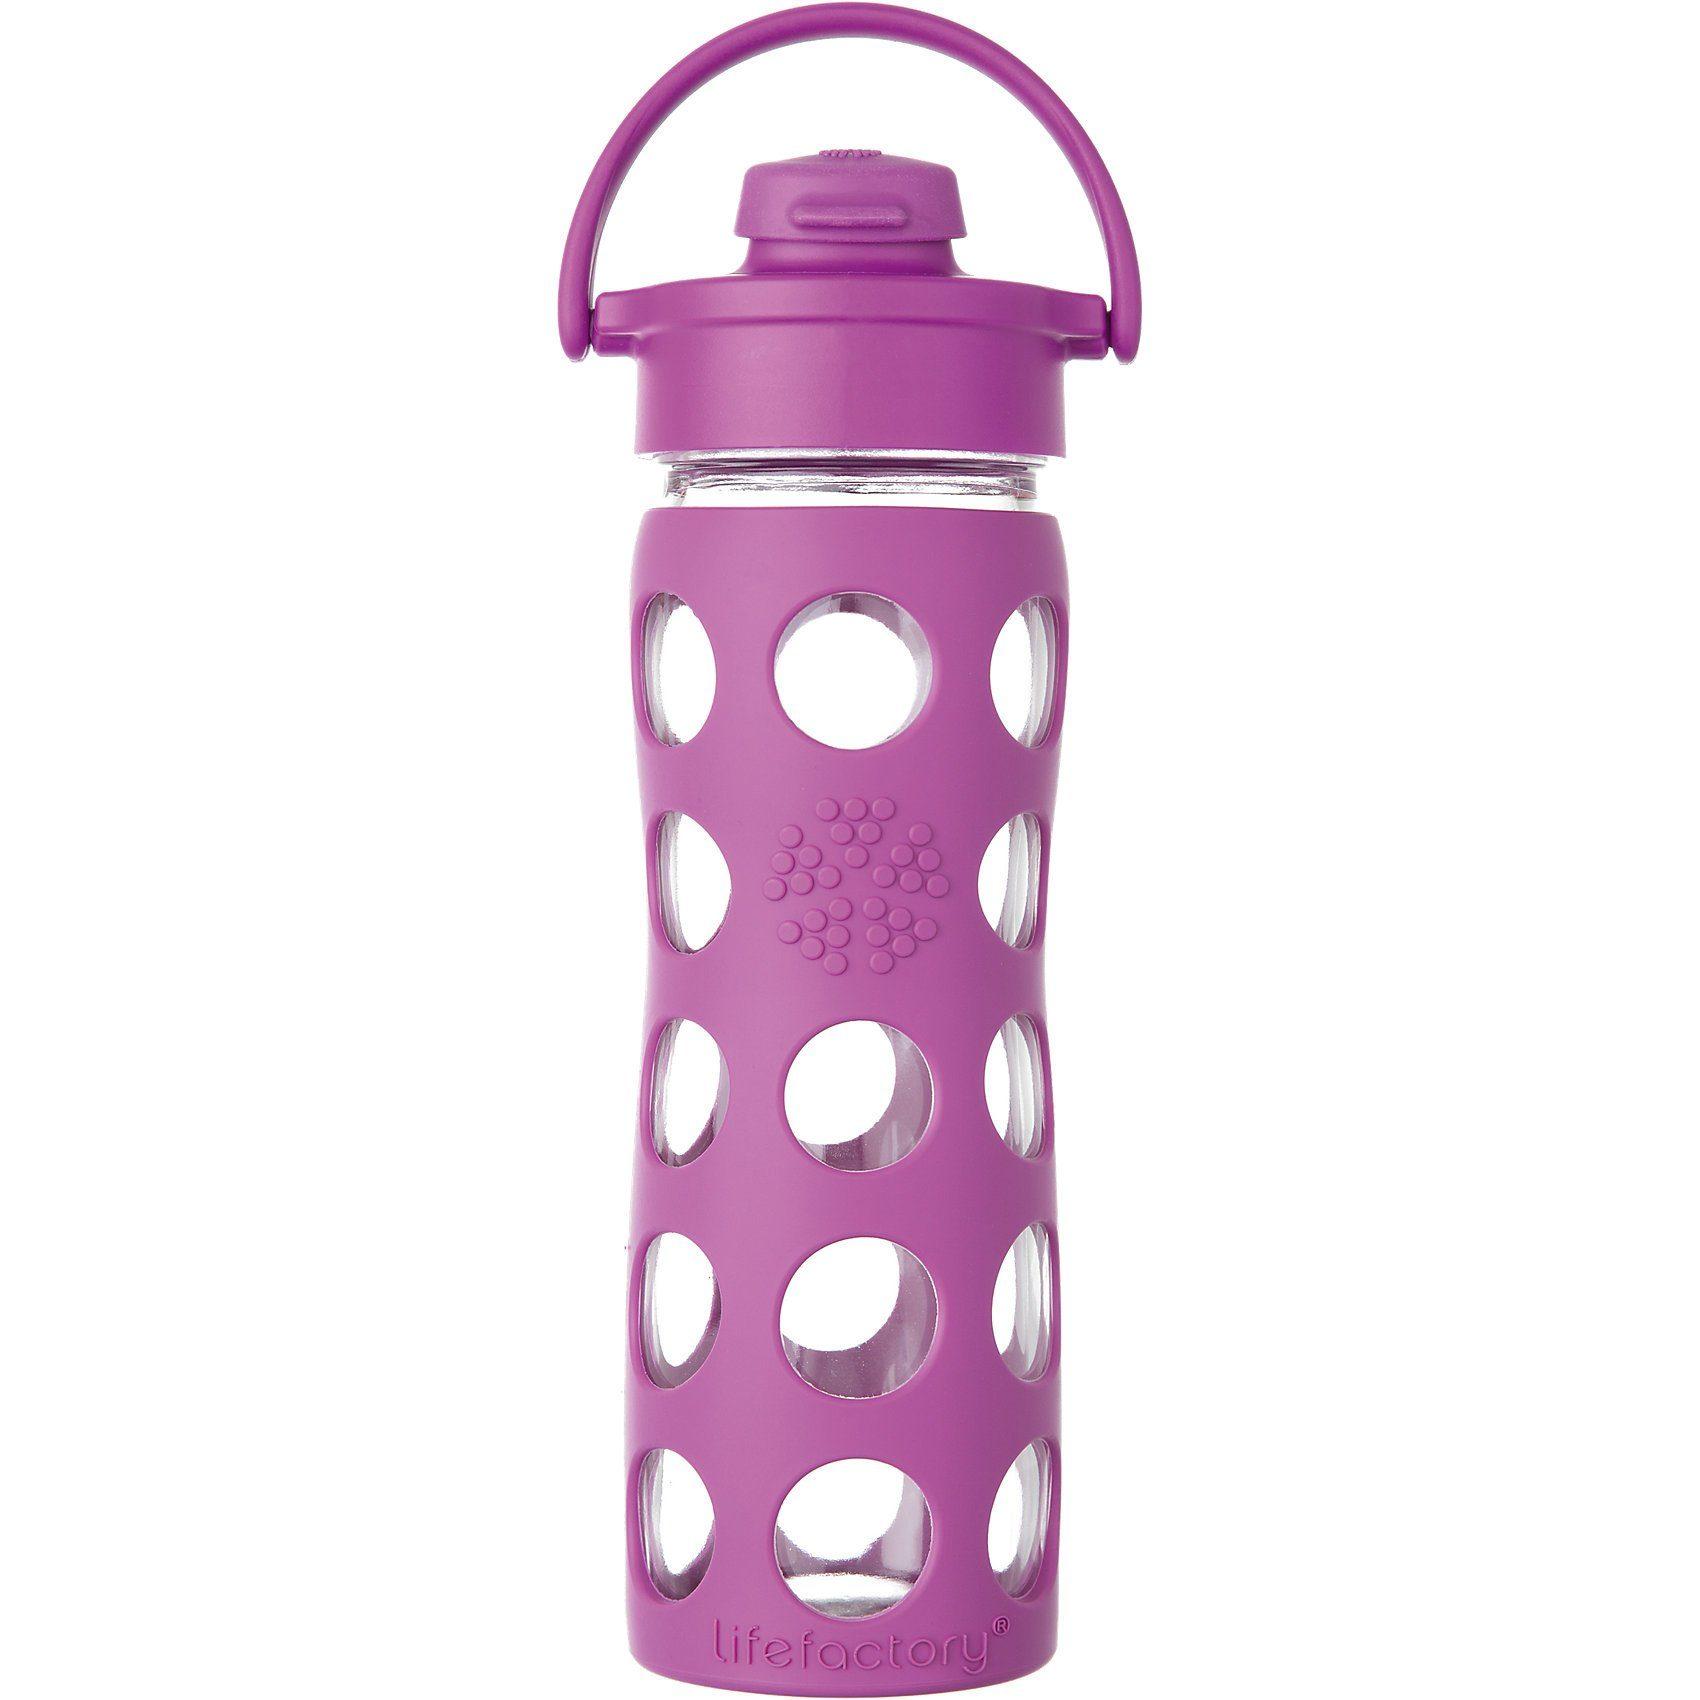 Lifefactory Trinkflasche Glas Huckleberry Flip Top Cap, 475 ml